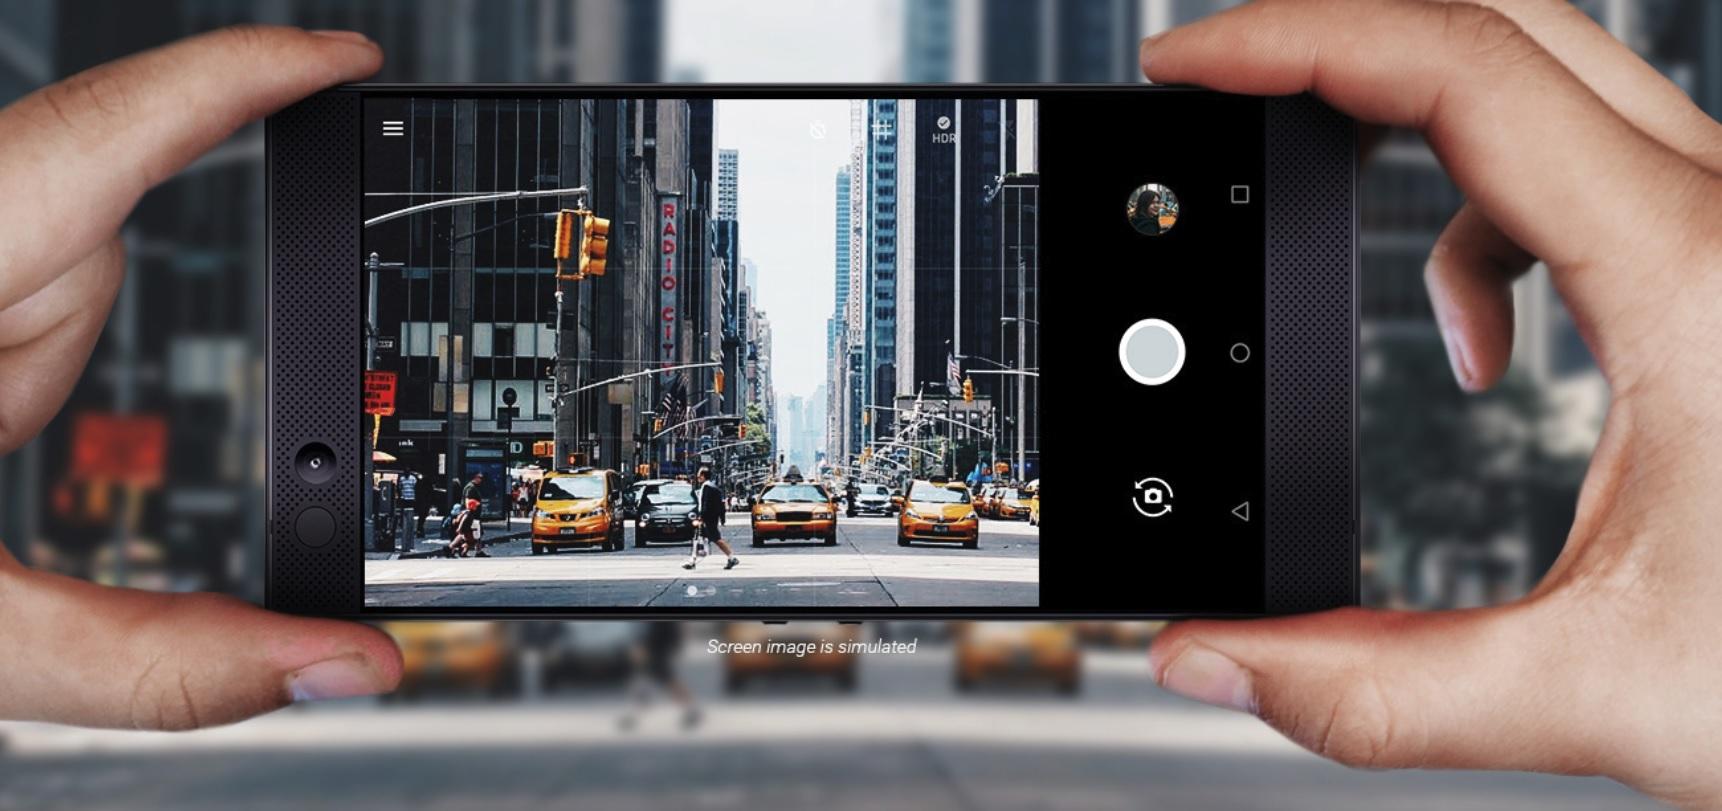 Vi er glade Razer har planer om å forbedre kamerakvaliteten.